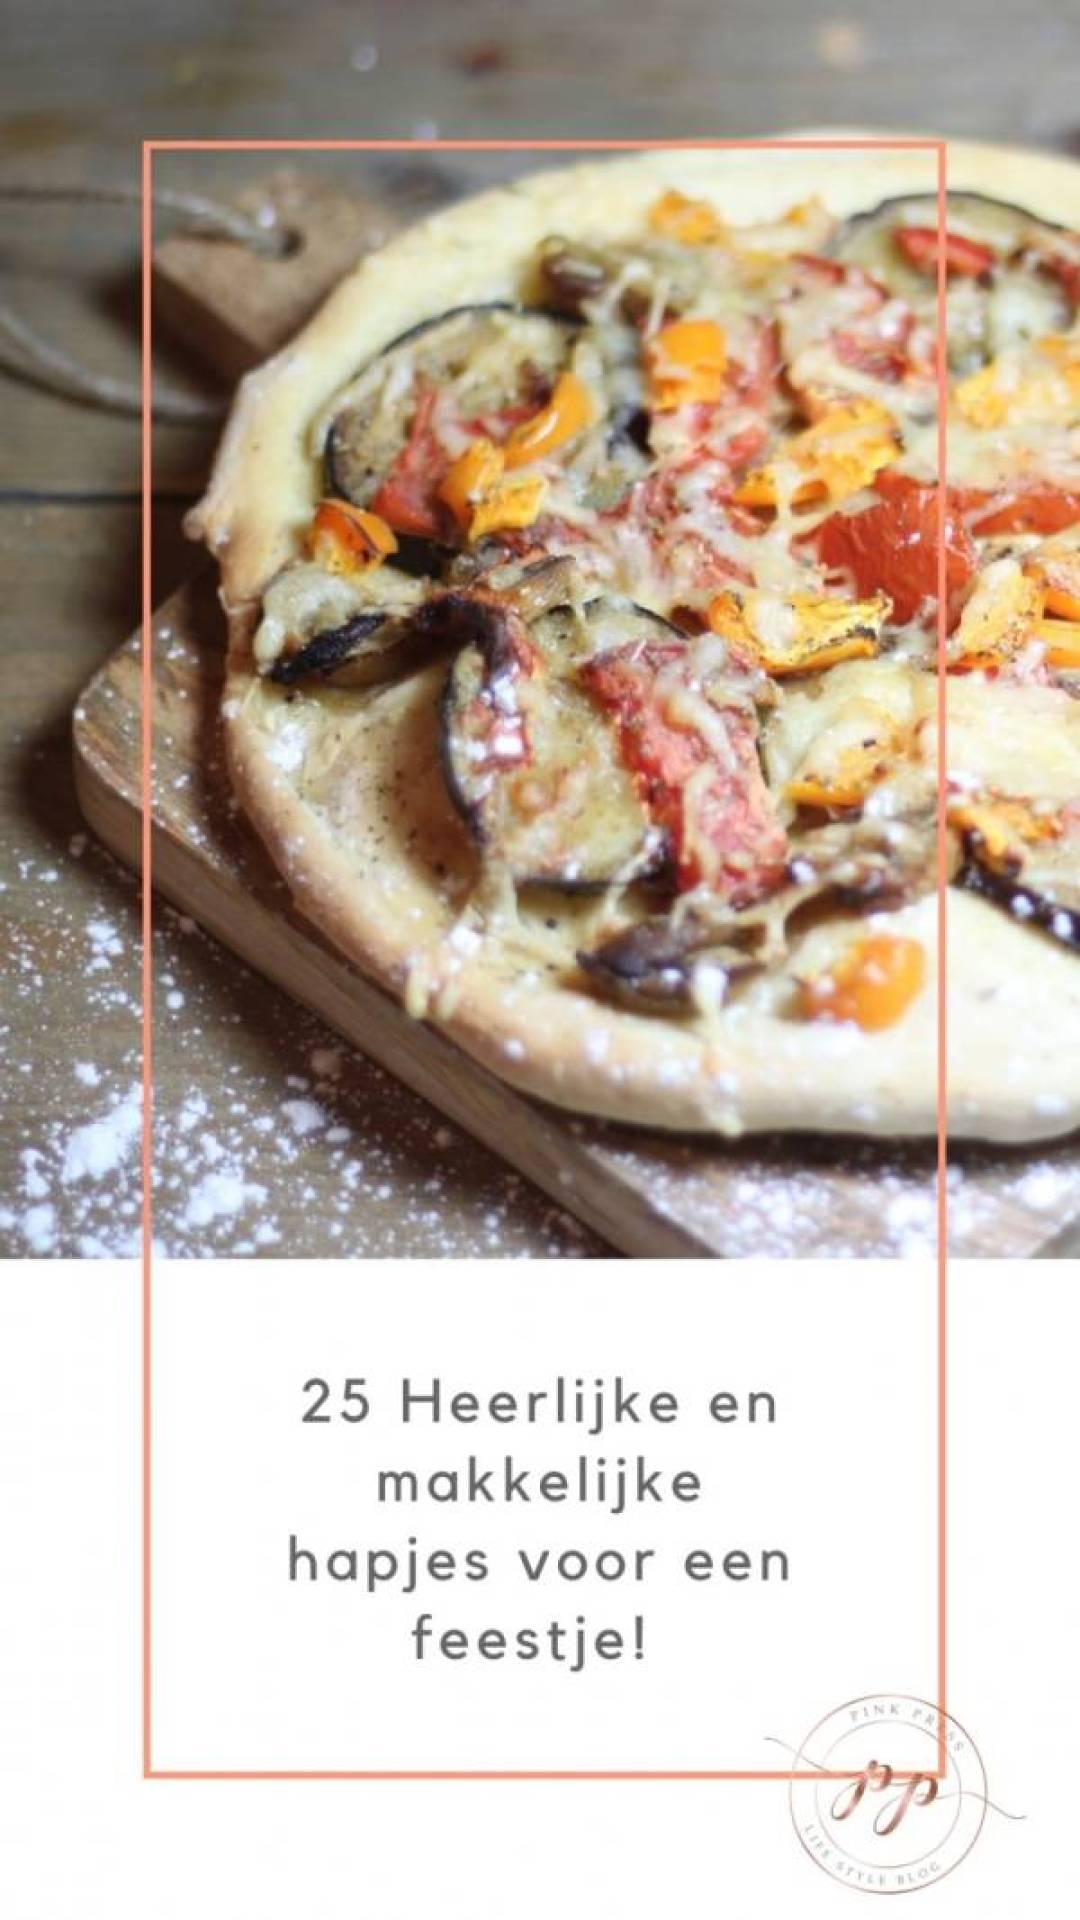 25 lekkere en makkelijke hapjes voor een feestje - De 25 lekkerste hapjes voor een gezellig feestje